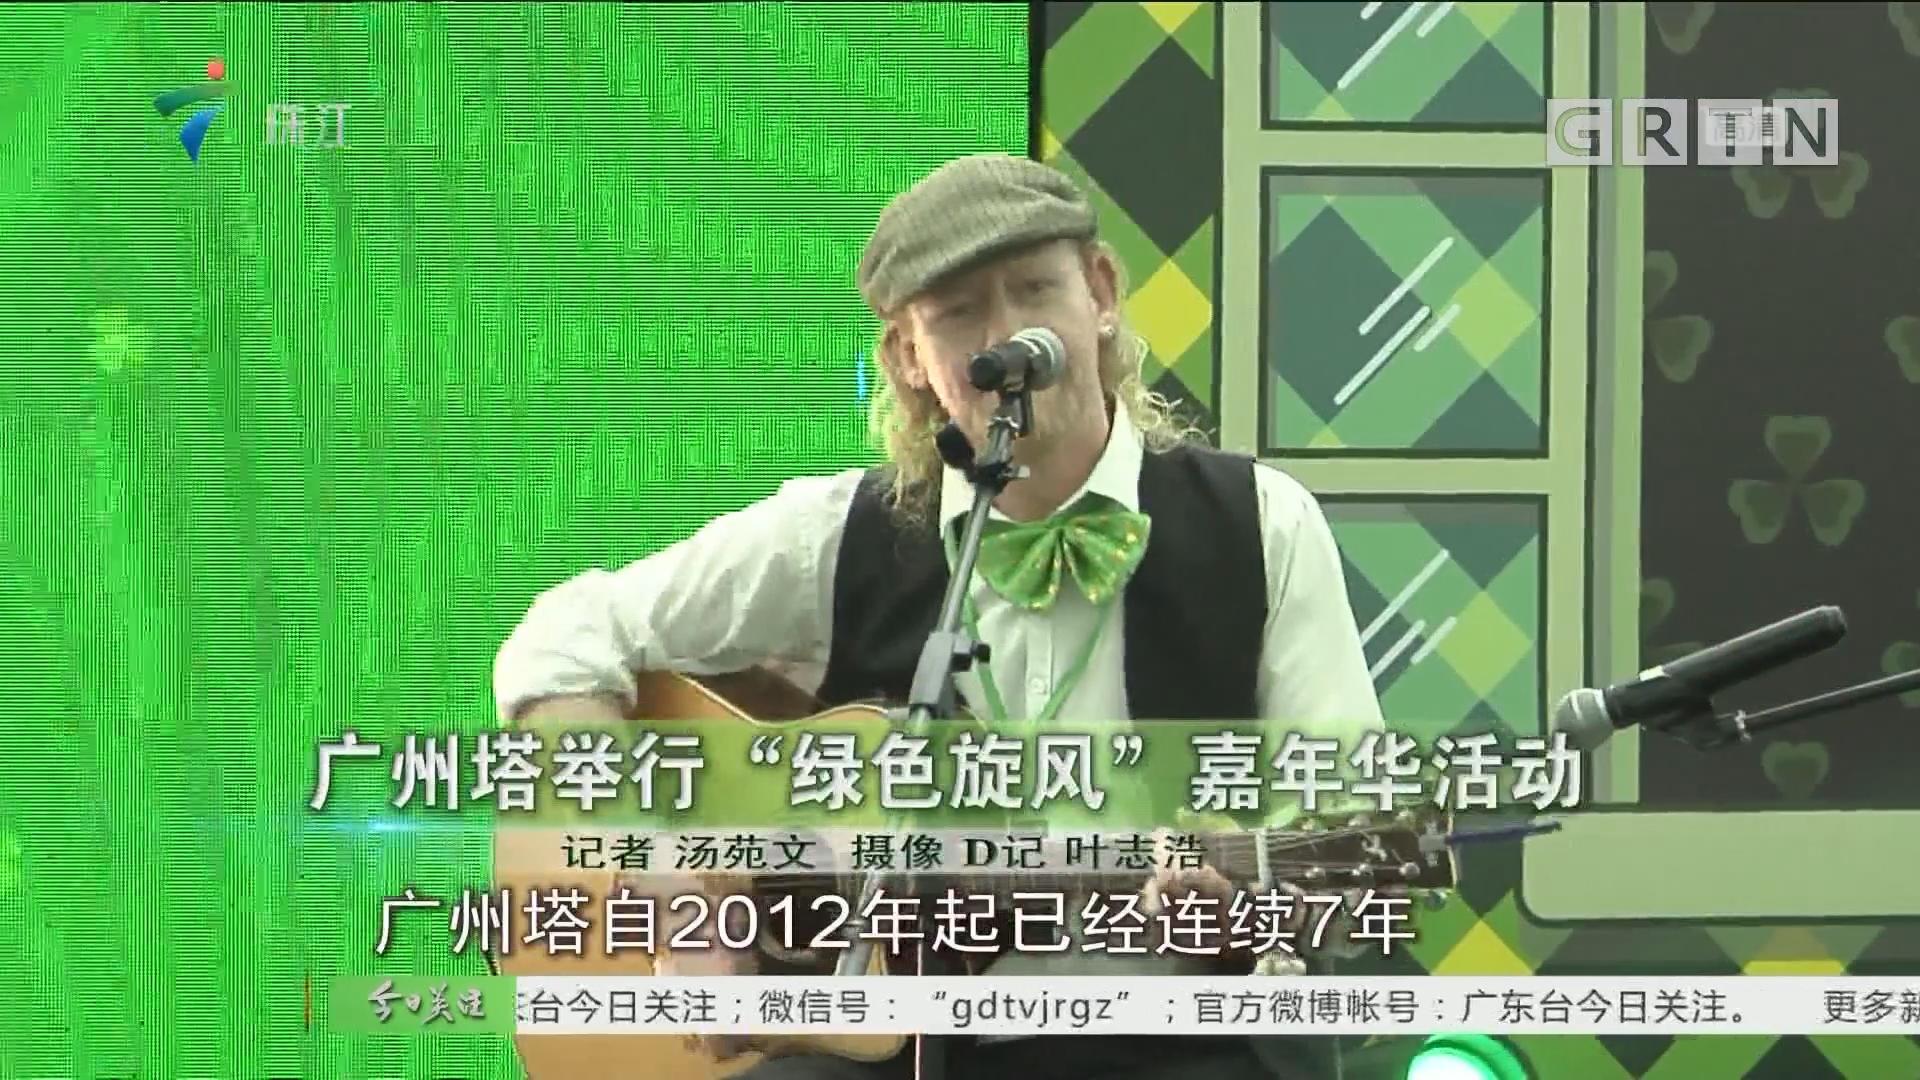 """广州塔举行""""绿色旋风""""嘉年华活动"""